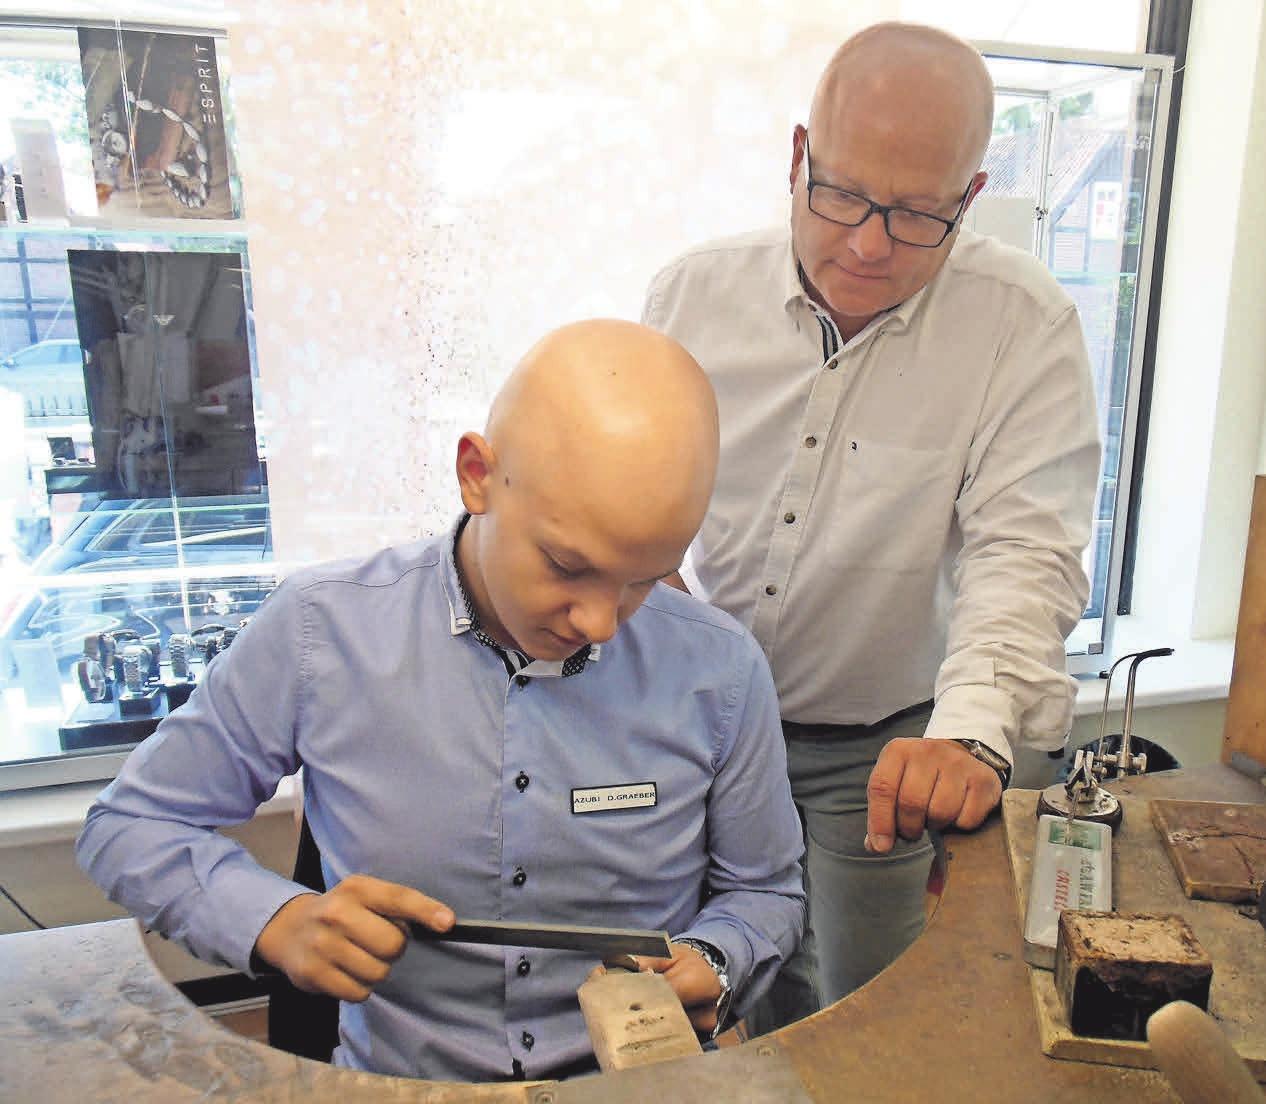 In der Werkstatt der Goldschmiede Gold-Graeber entstehen schöne Schmuckstücke.